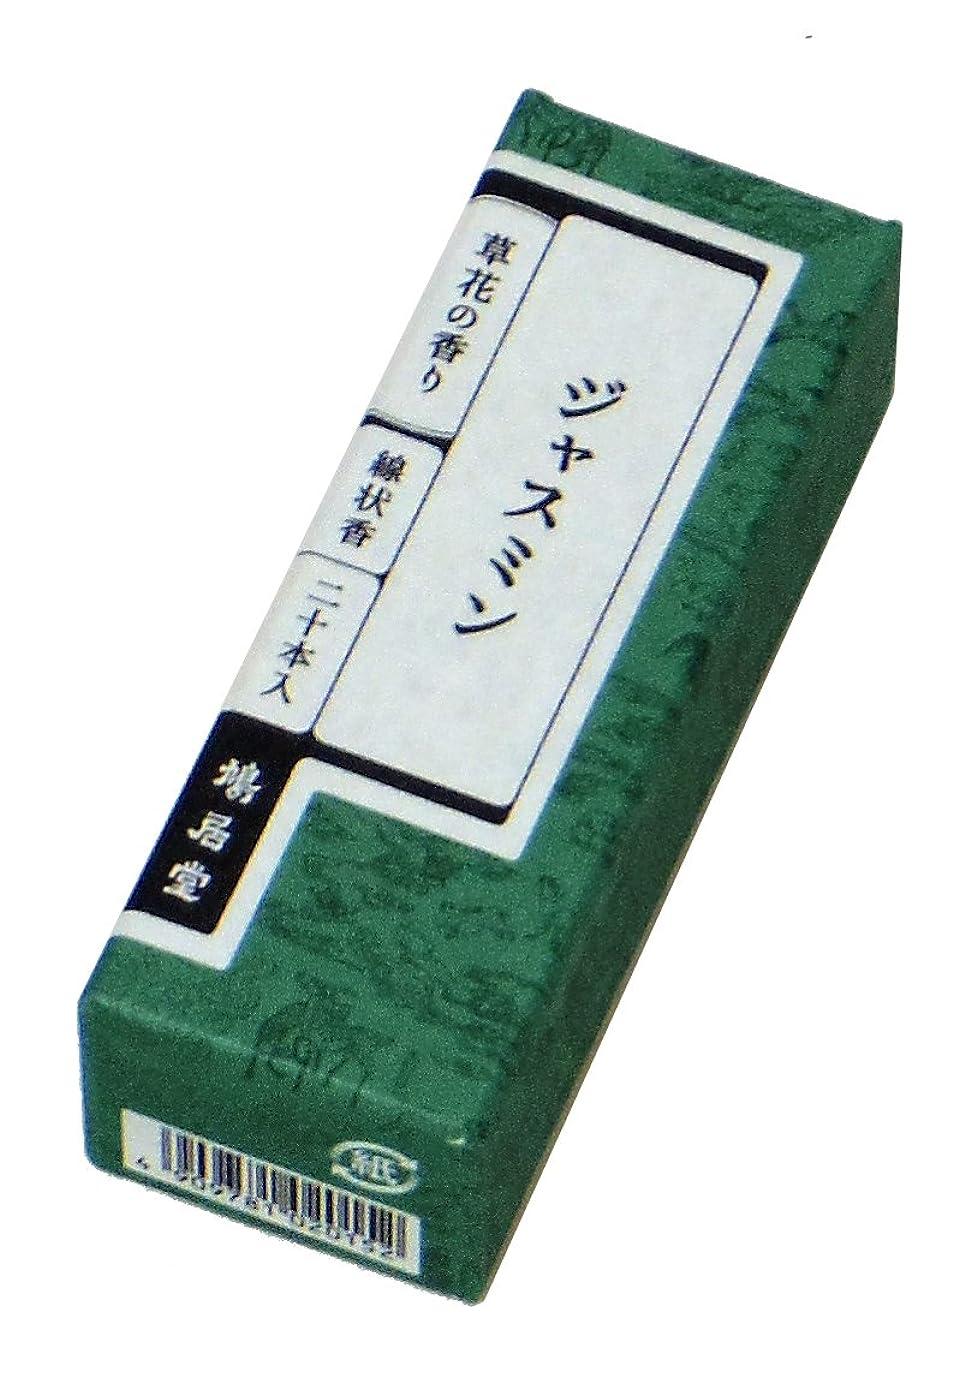 ベルベットスキル食用鳩居堂のお香 草花の香り ジャスミン 20本入 6cm